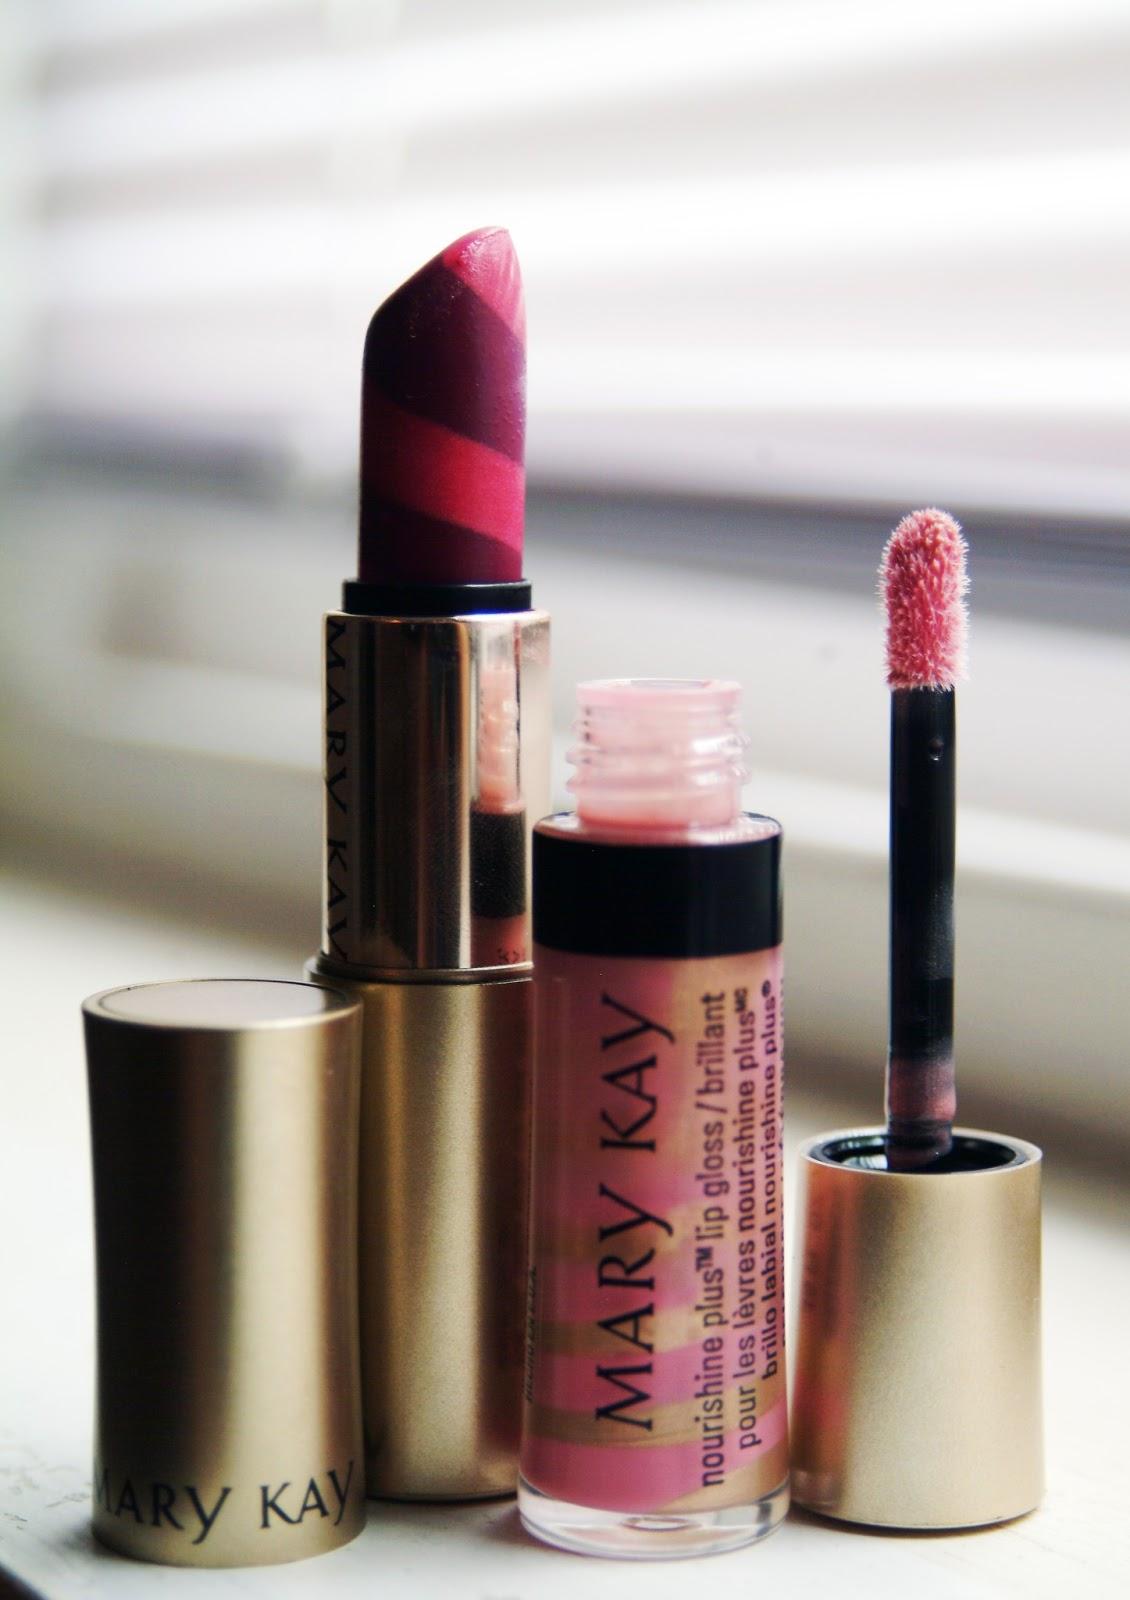 Cosmetics: Fun Size Beauty: Mary Kay Cosmetics